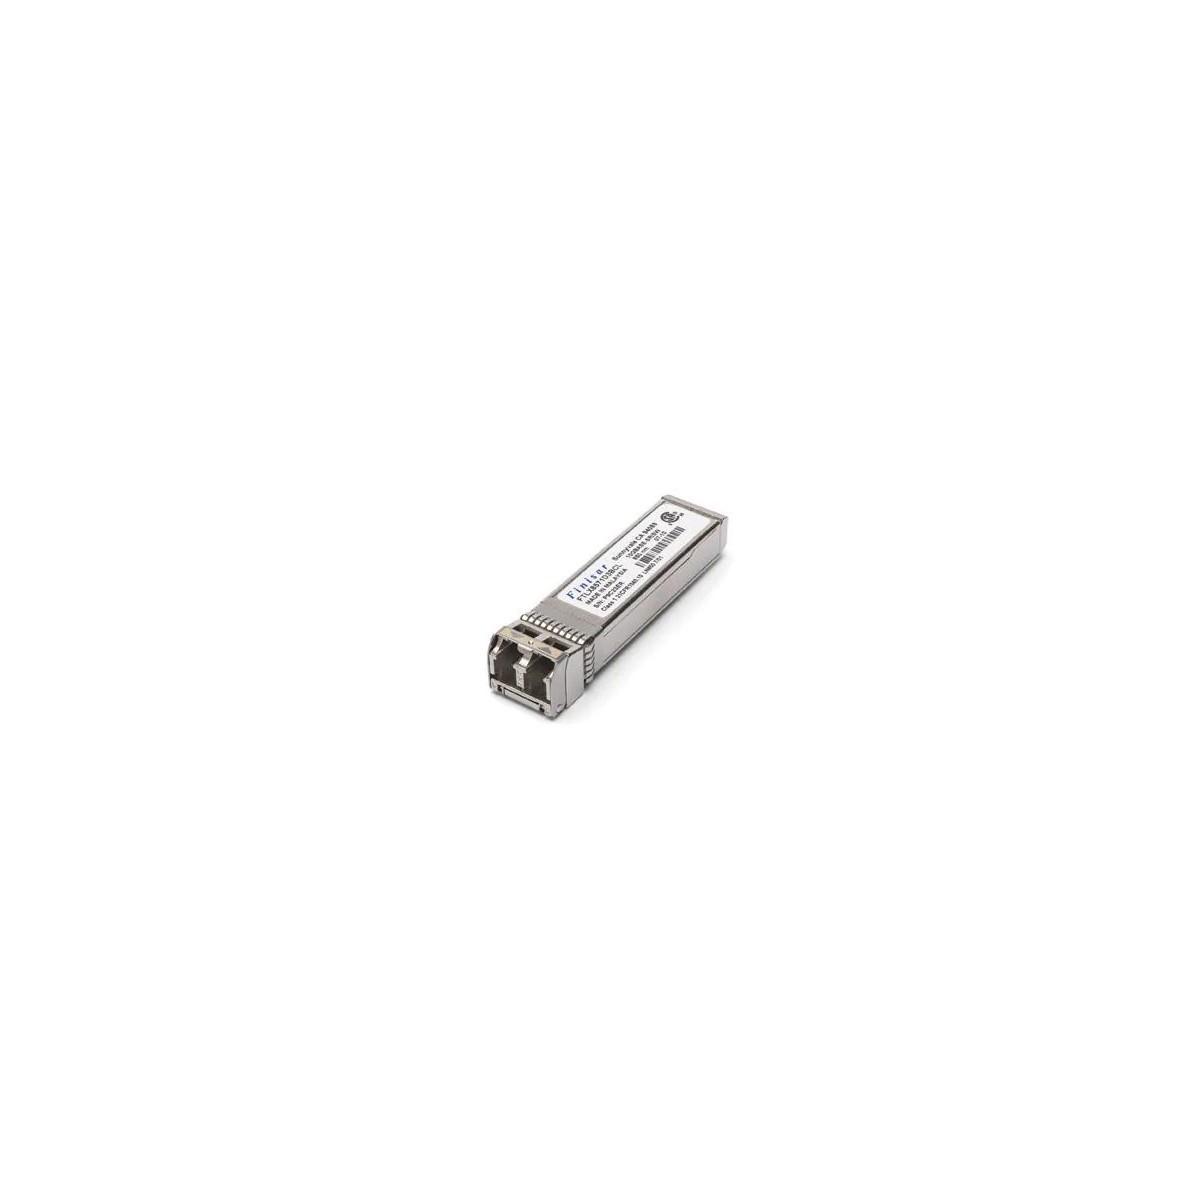 KARTA SIECIOWA DELL INTEL PRO/1000 MT PCI-X 0W1392